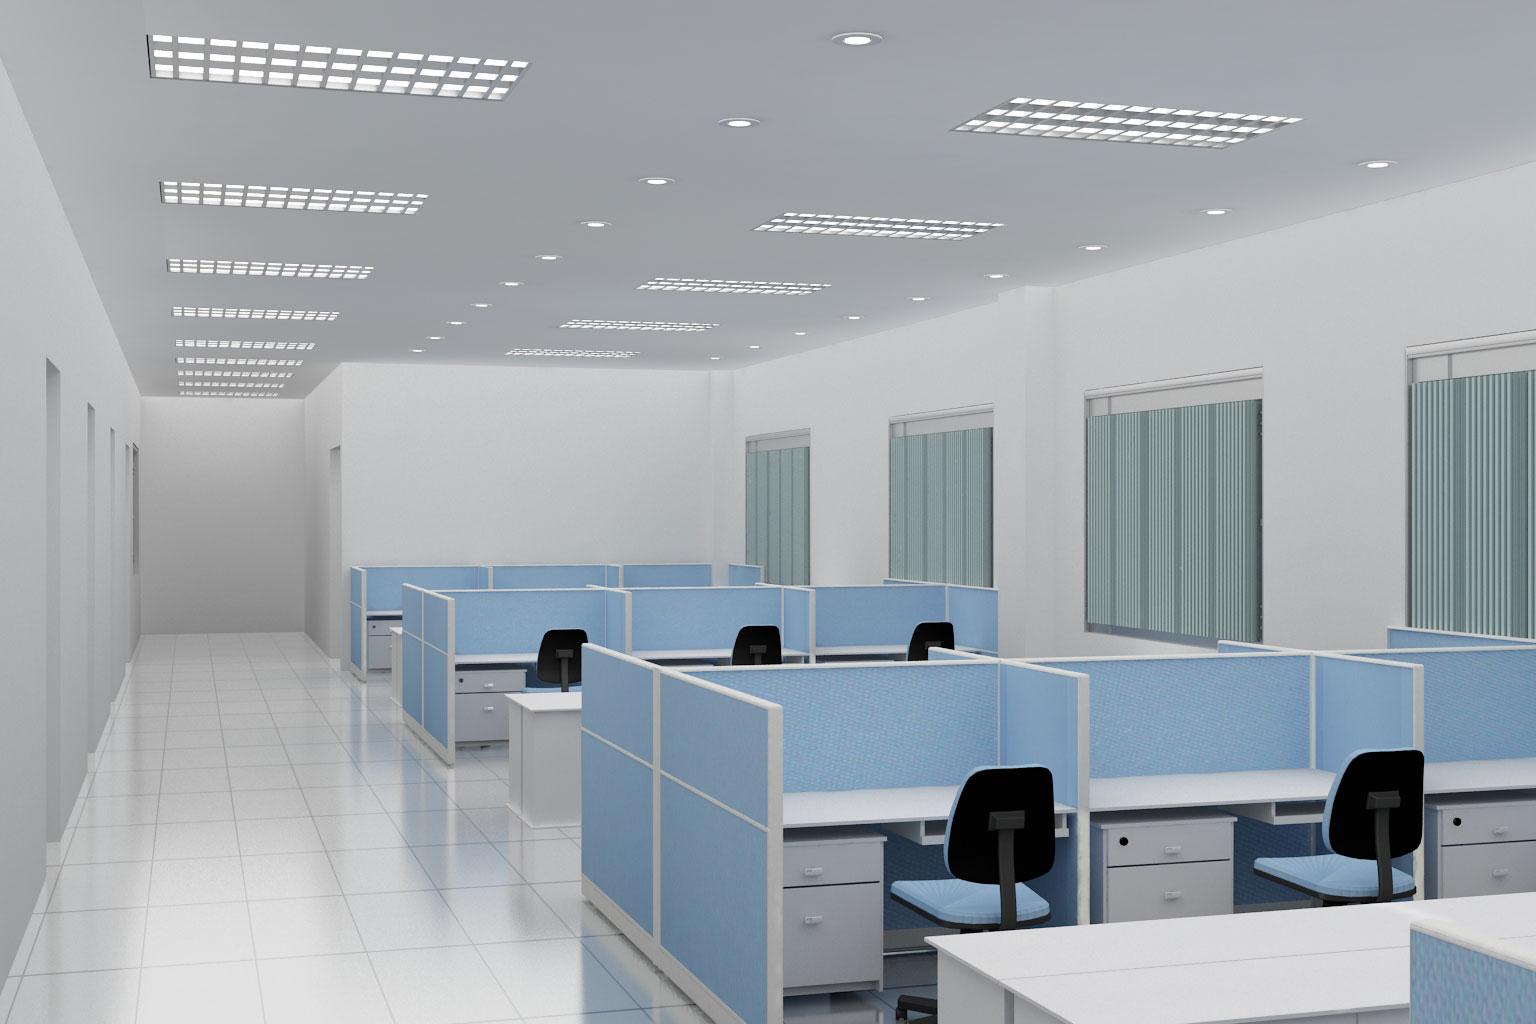 Sử dụng vách ngăn giải pháp tối ưu cho không gian văn phòng